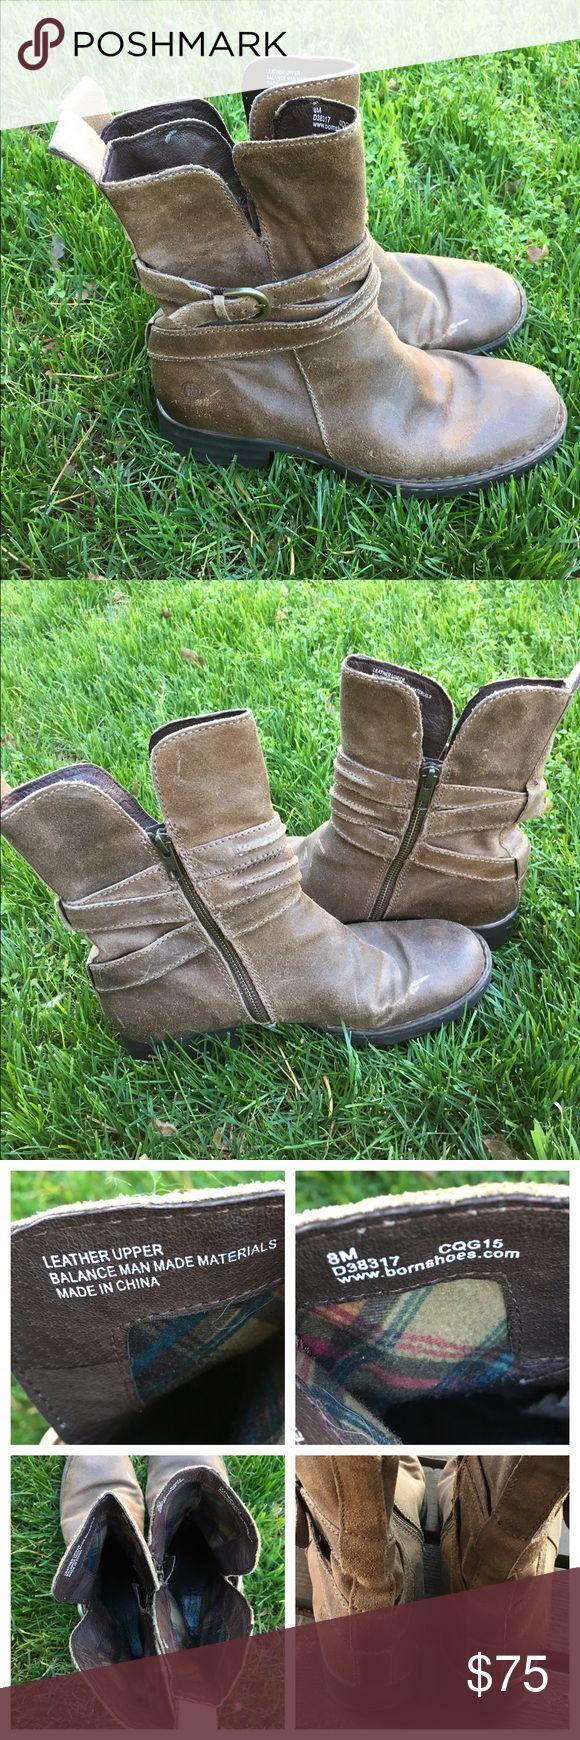 Born Boots Size 8 Born Boots Size 8 Born Shoes Combat & Moto Boots